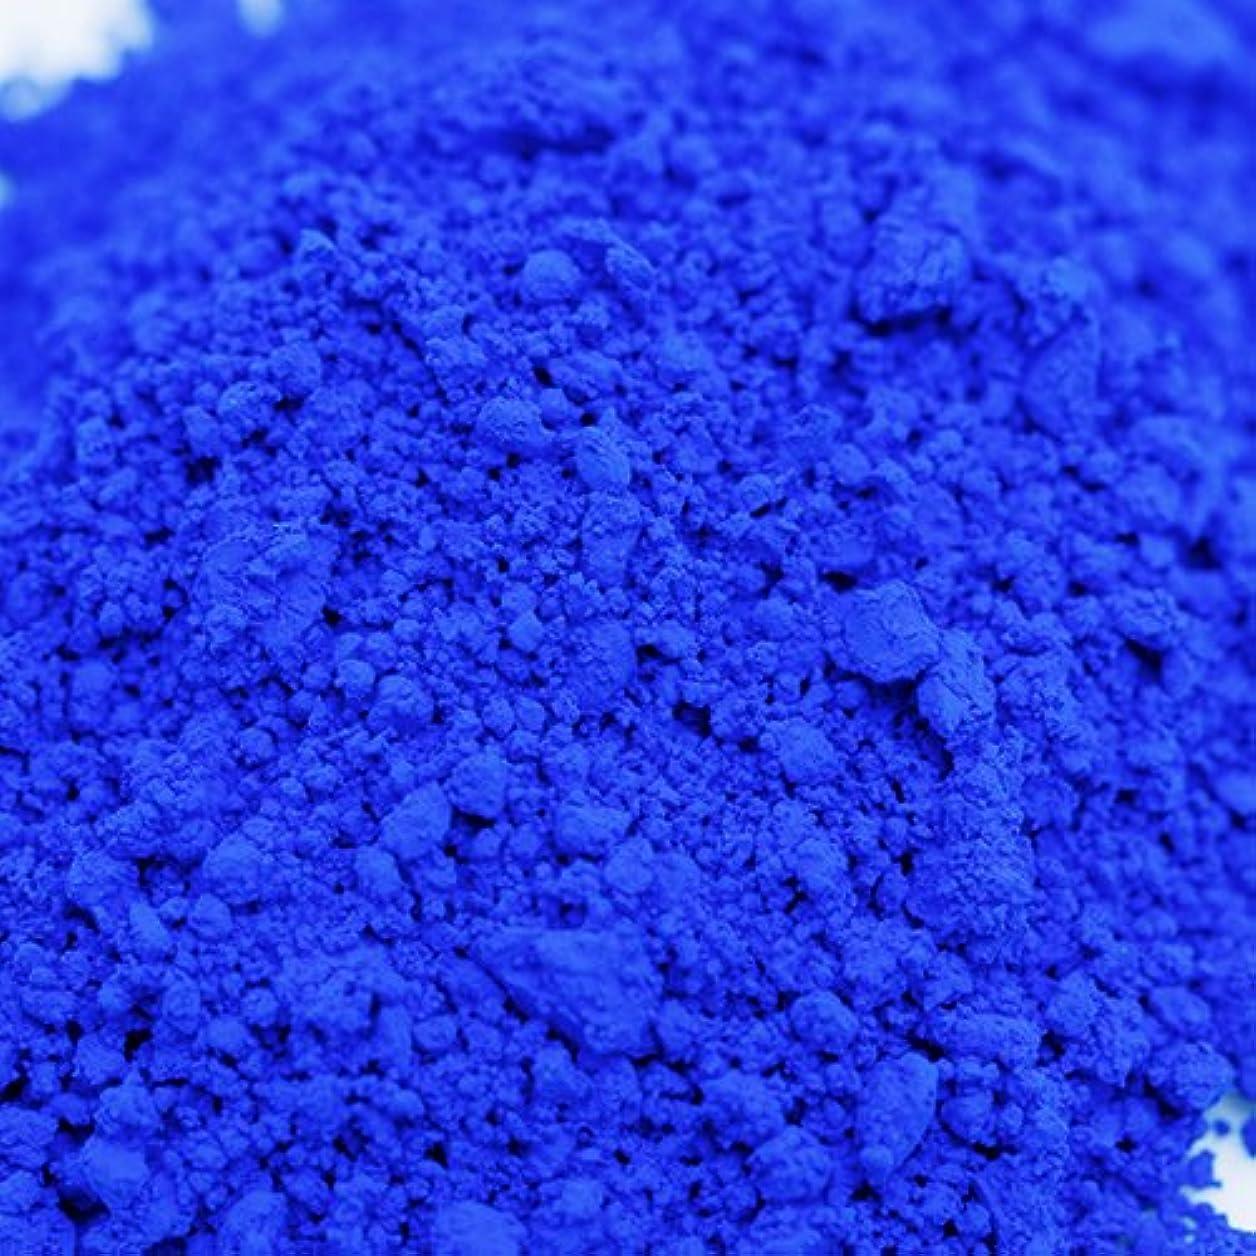 ウルトラマリン ブルー 5g 【手作り石鹸/手作りコスメ/色付け/カラーラント/青】